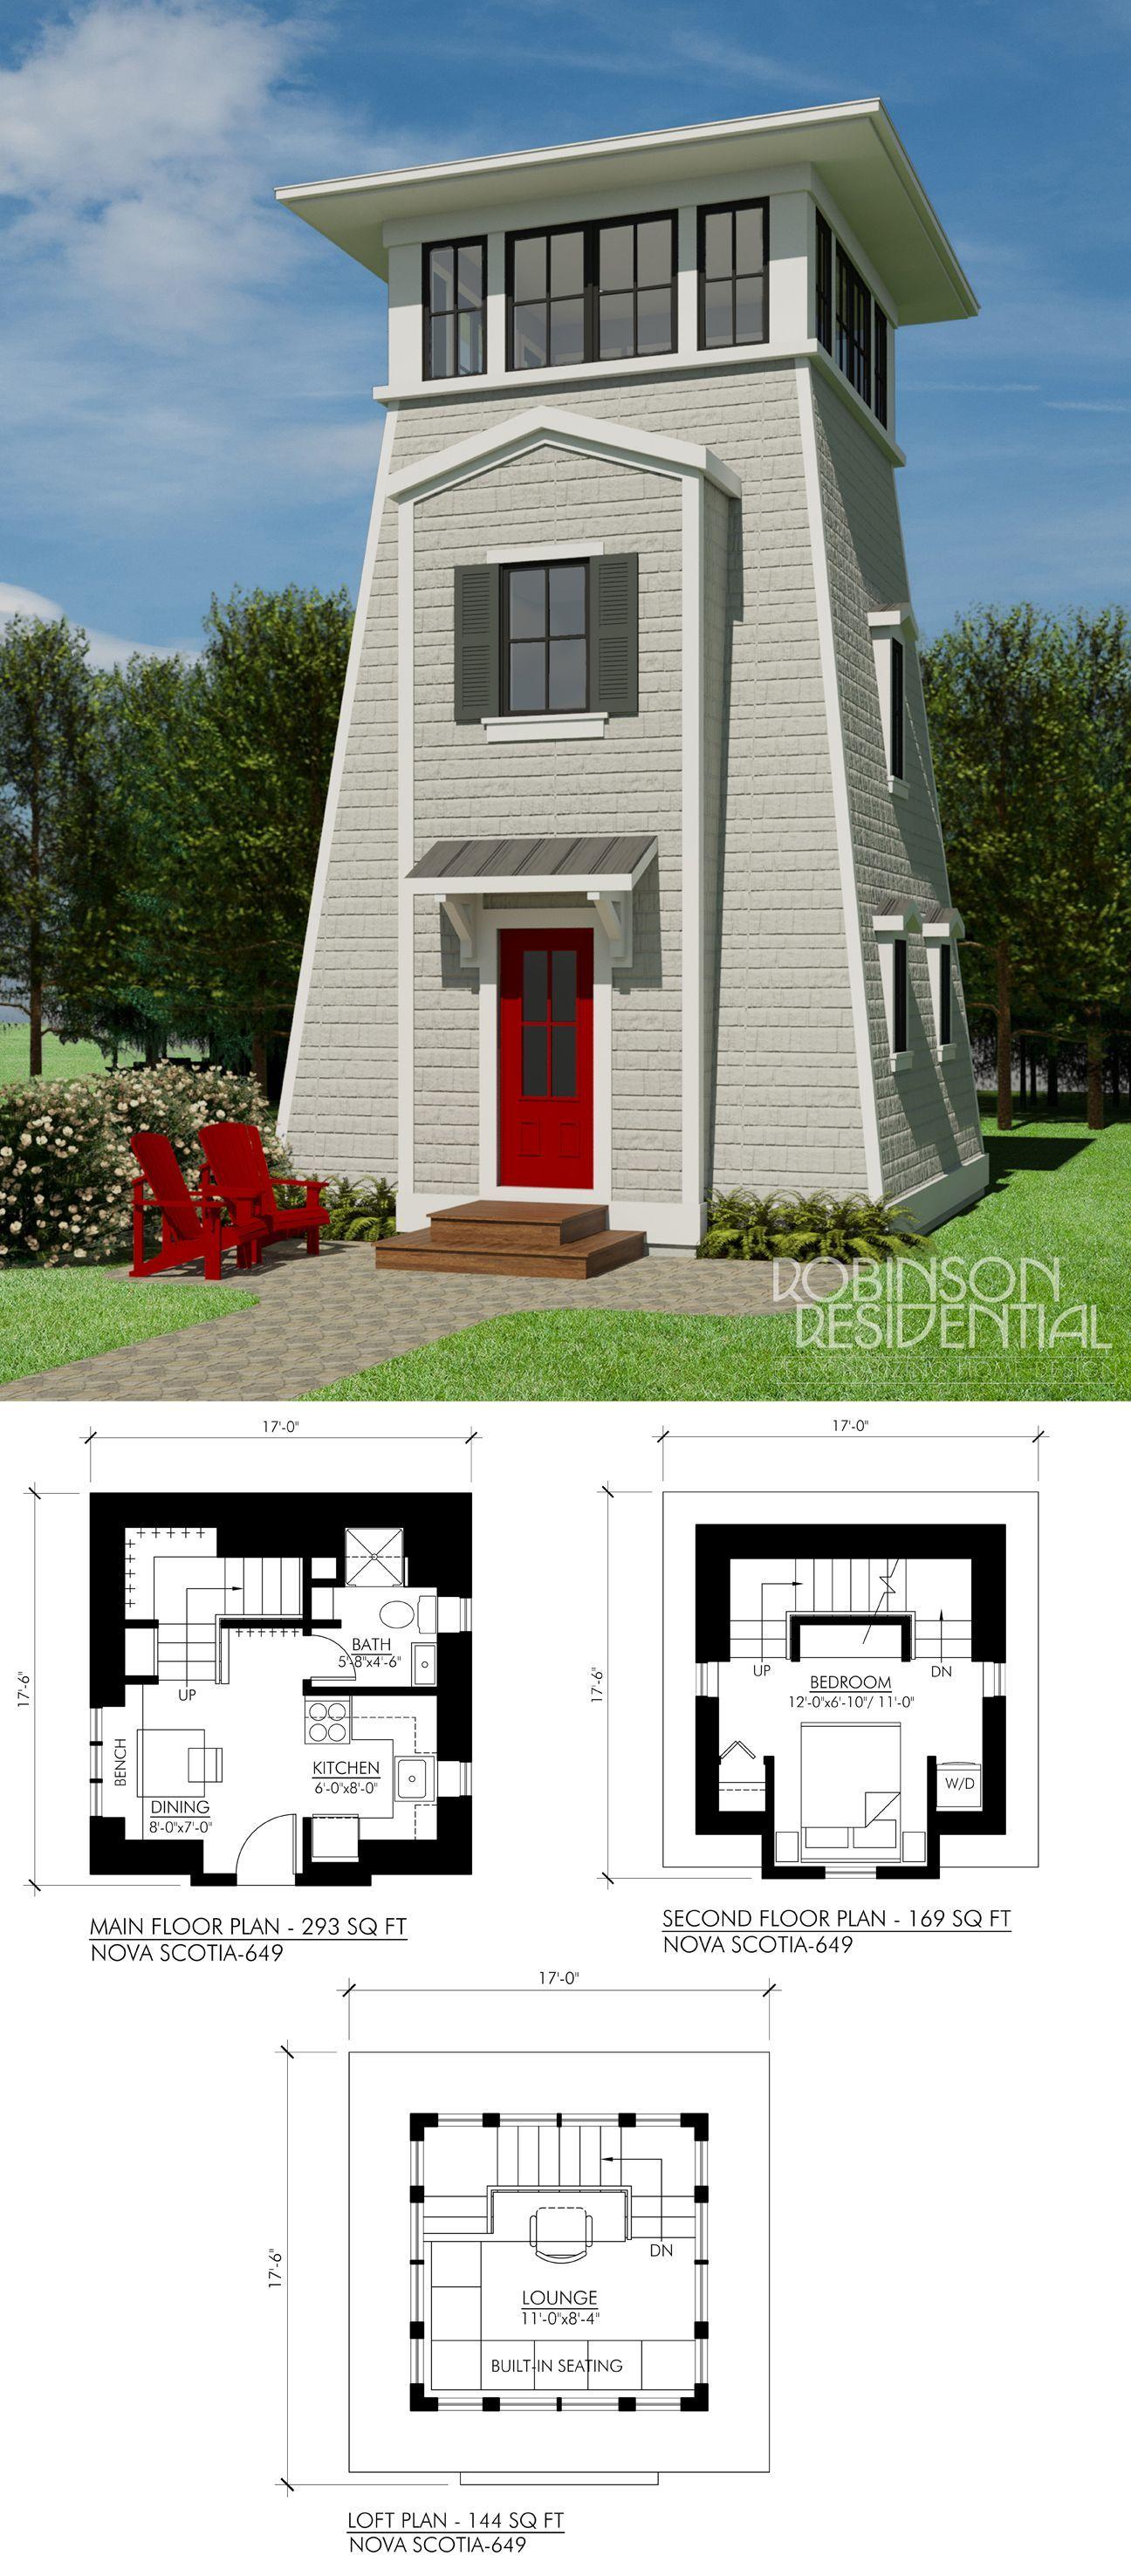 Nova Scotia-657 | Pinterest | Gärten, Häuschen und Ideen